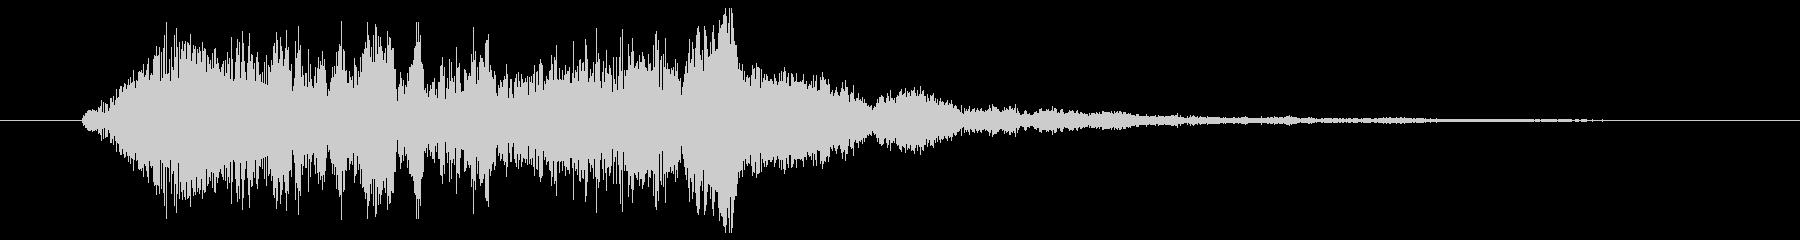 バイオリンのグリッサンド(アップ)の未再生の波形